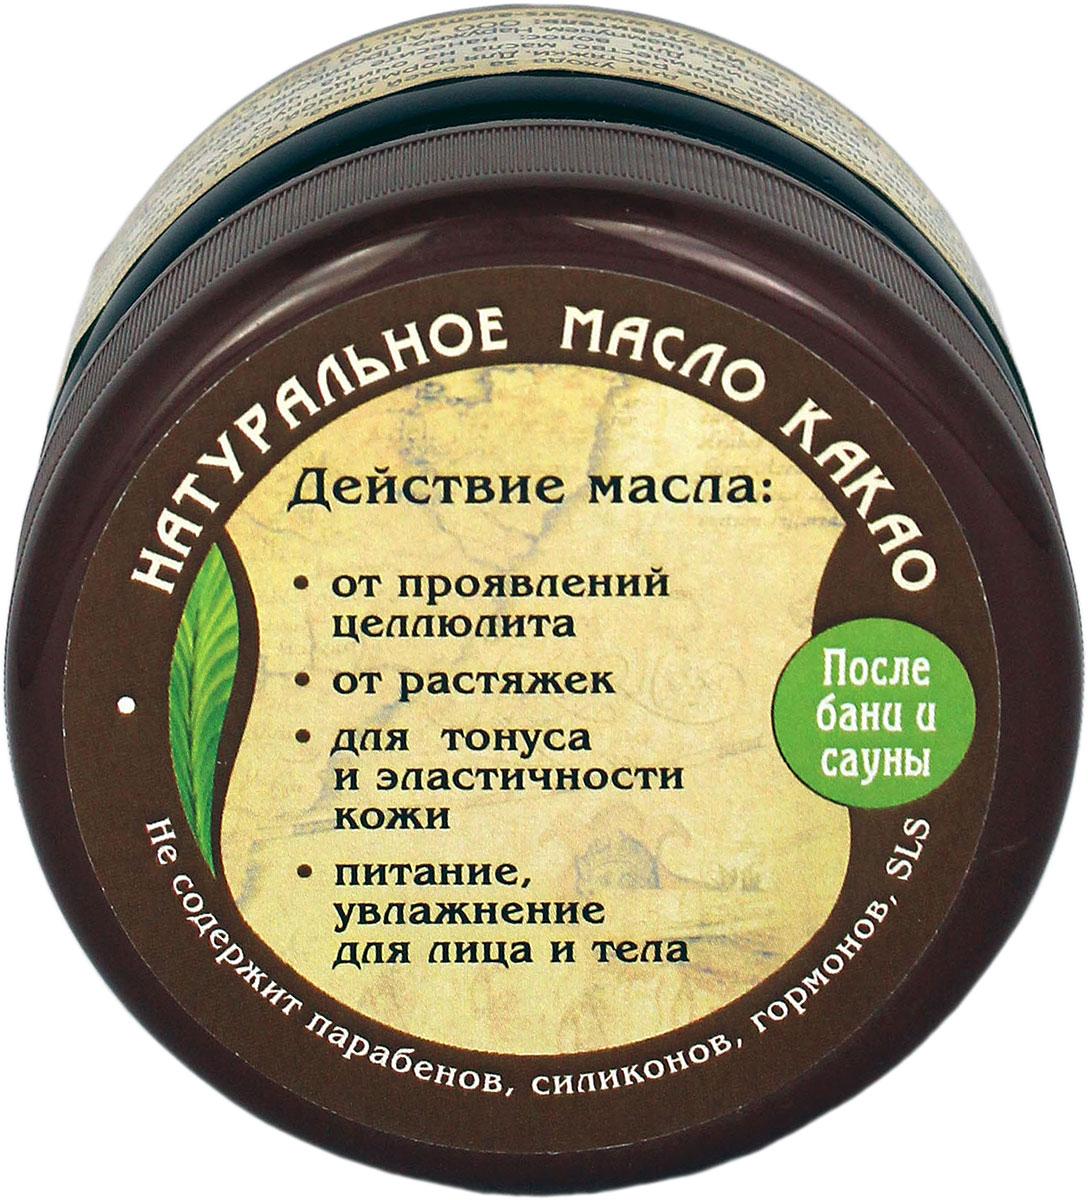 ARS Натуральное масло-баттер Какао, 75 гАРС-701Масло ARS Какао оживляет и тонизирует кожу, делая ее более нежной гладкой и сияющей. Масло обладает разглаживающими свойствами, незаменимо в борьбе с морщинами, помогает в избавлении от косметических дефектов: шрамов, рубцов, следов после прыщей, защищает кожу от обветривания и обморожения, масло какао особенно эффективно для ухода за губами и областью вокруг глаз.